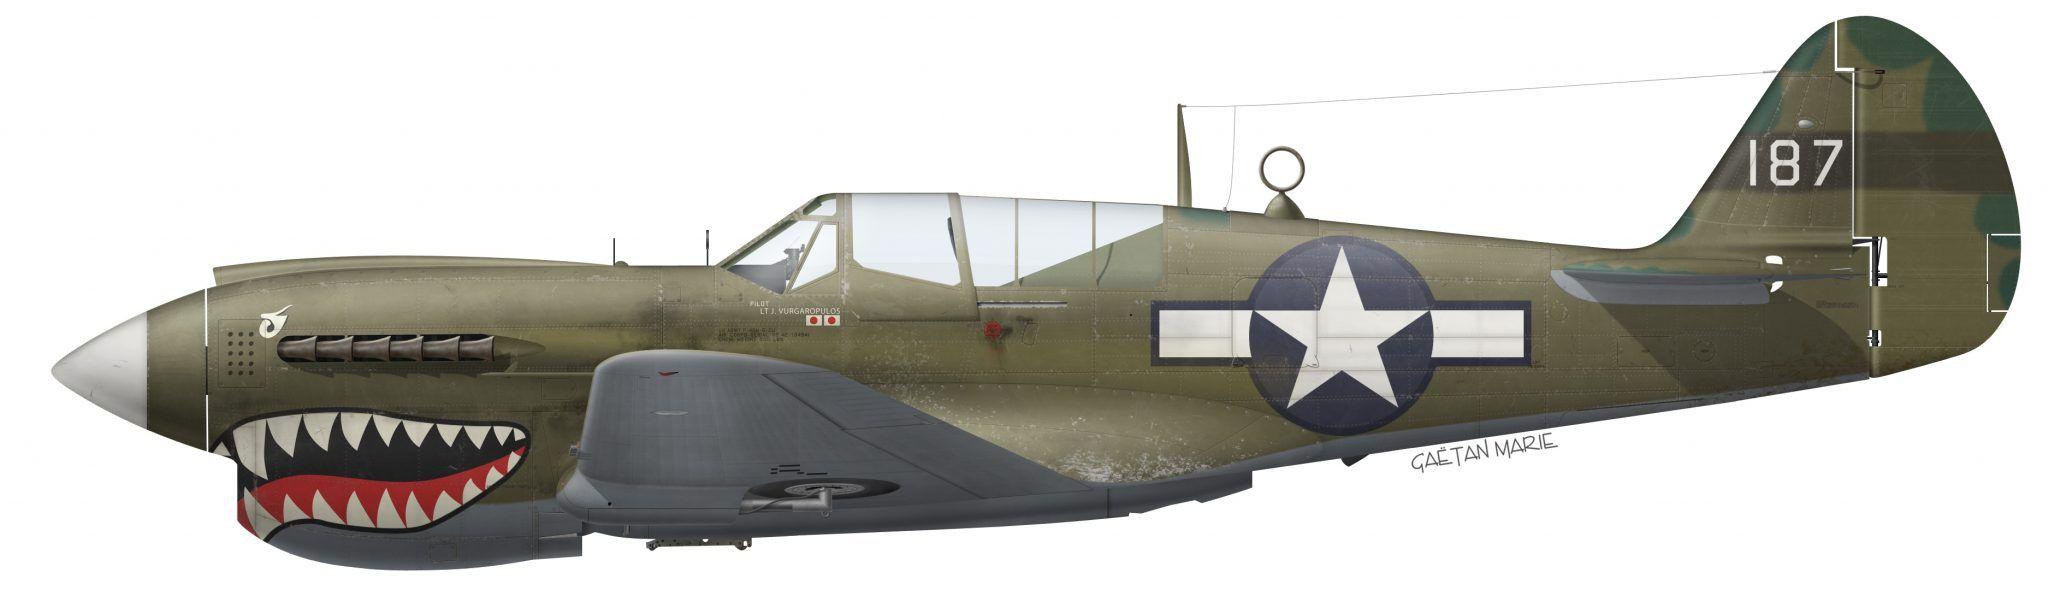 P-40N 42-10494 23rd FG 75th FS (Copyright Gaetan Marie ...  P-40N 42-10494 ...